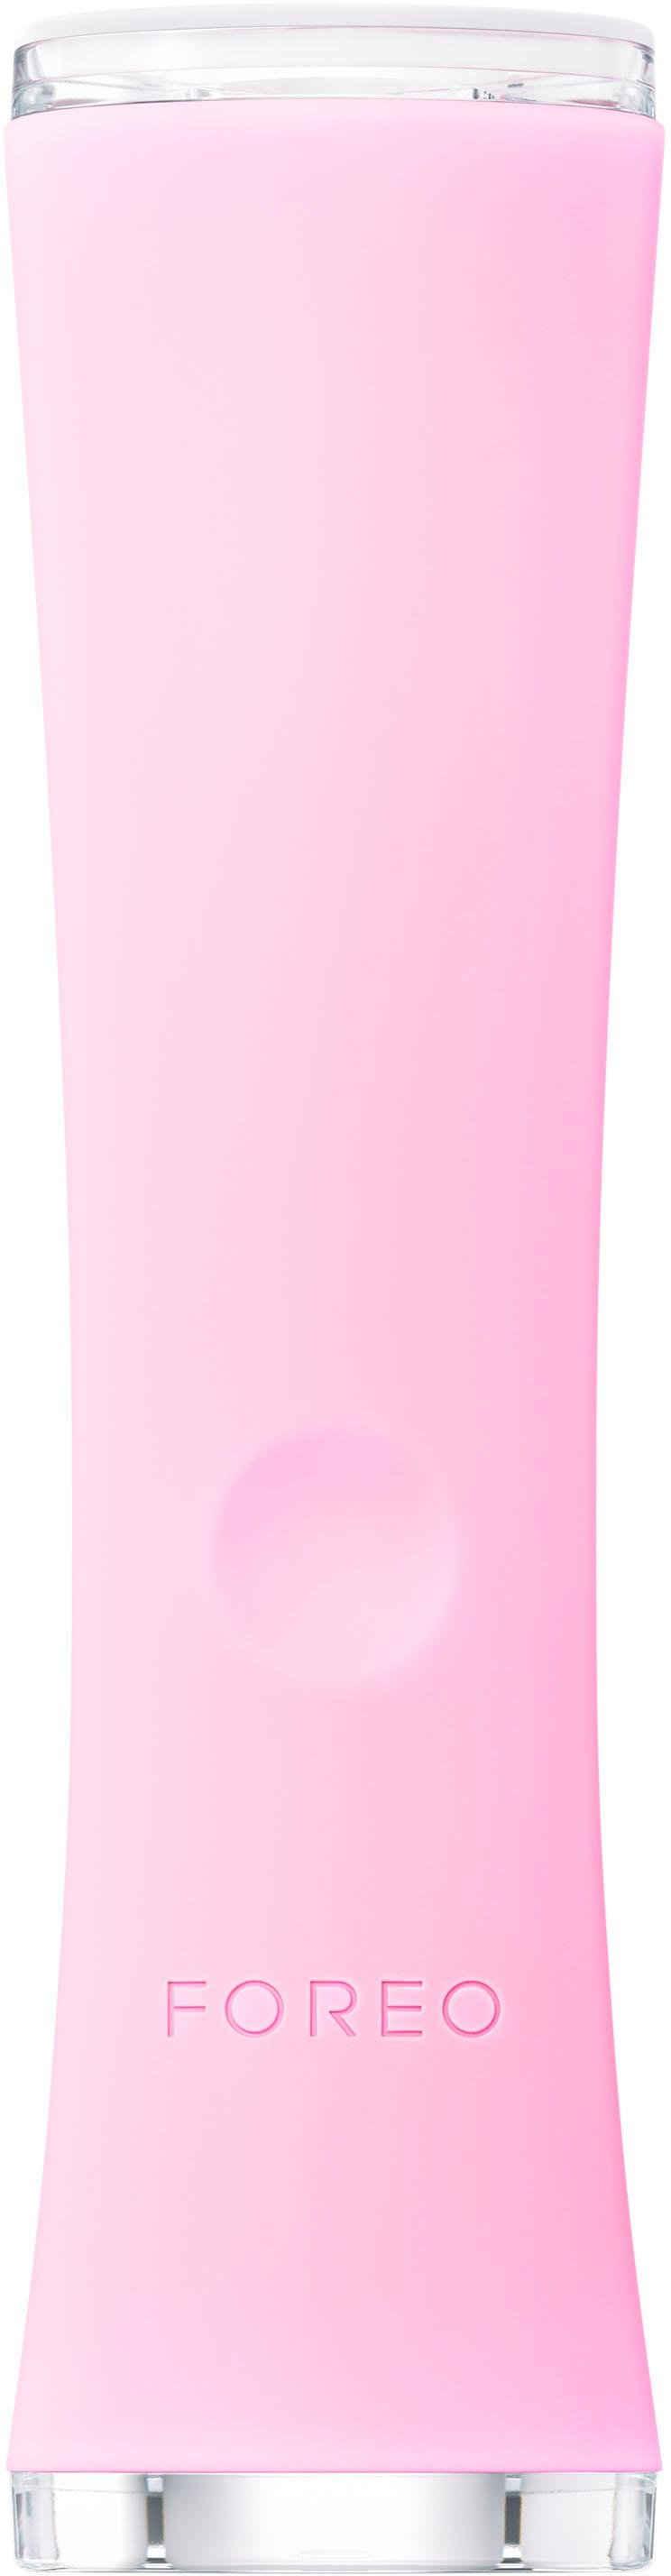 FOREO Porenreiniger »ESPADA«, mit LED Blaulicht zur Aknebehandlung